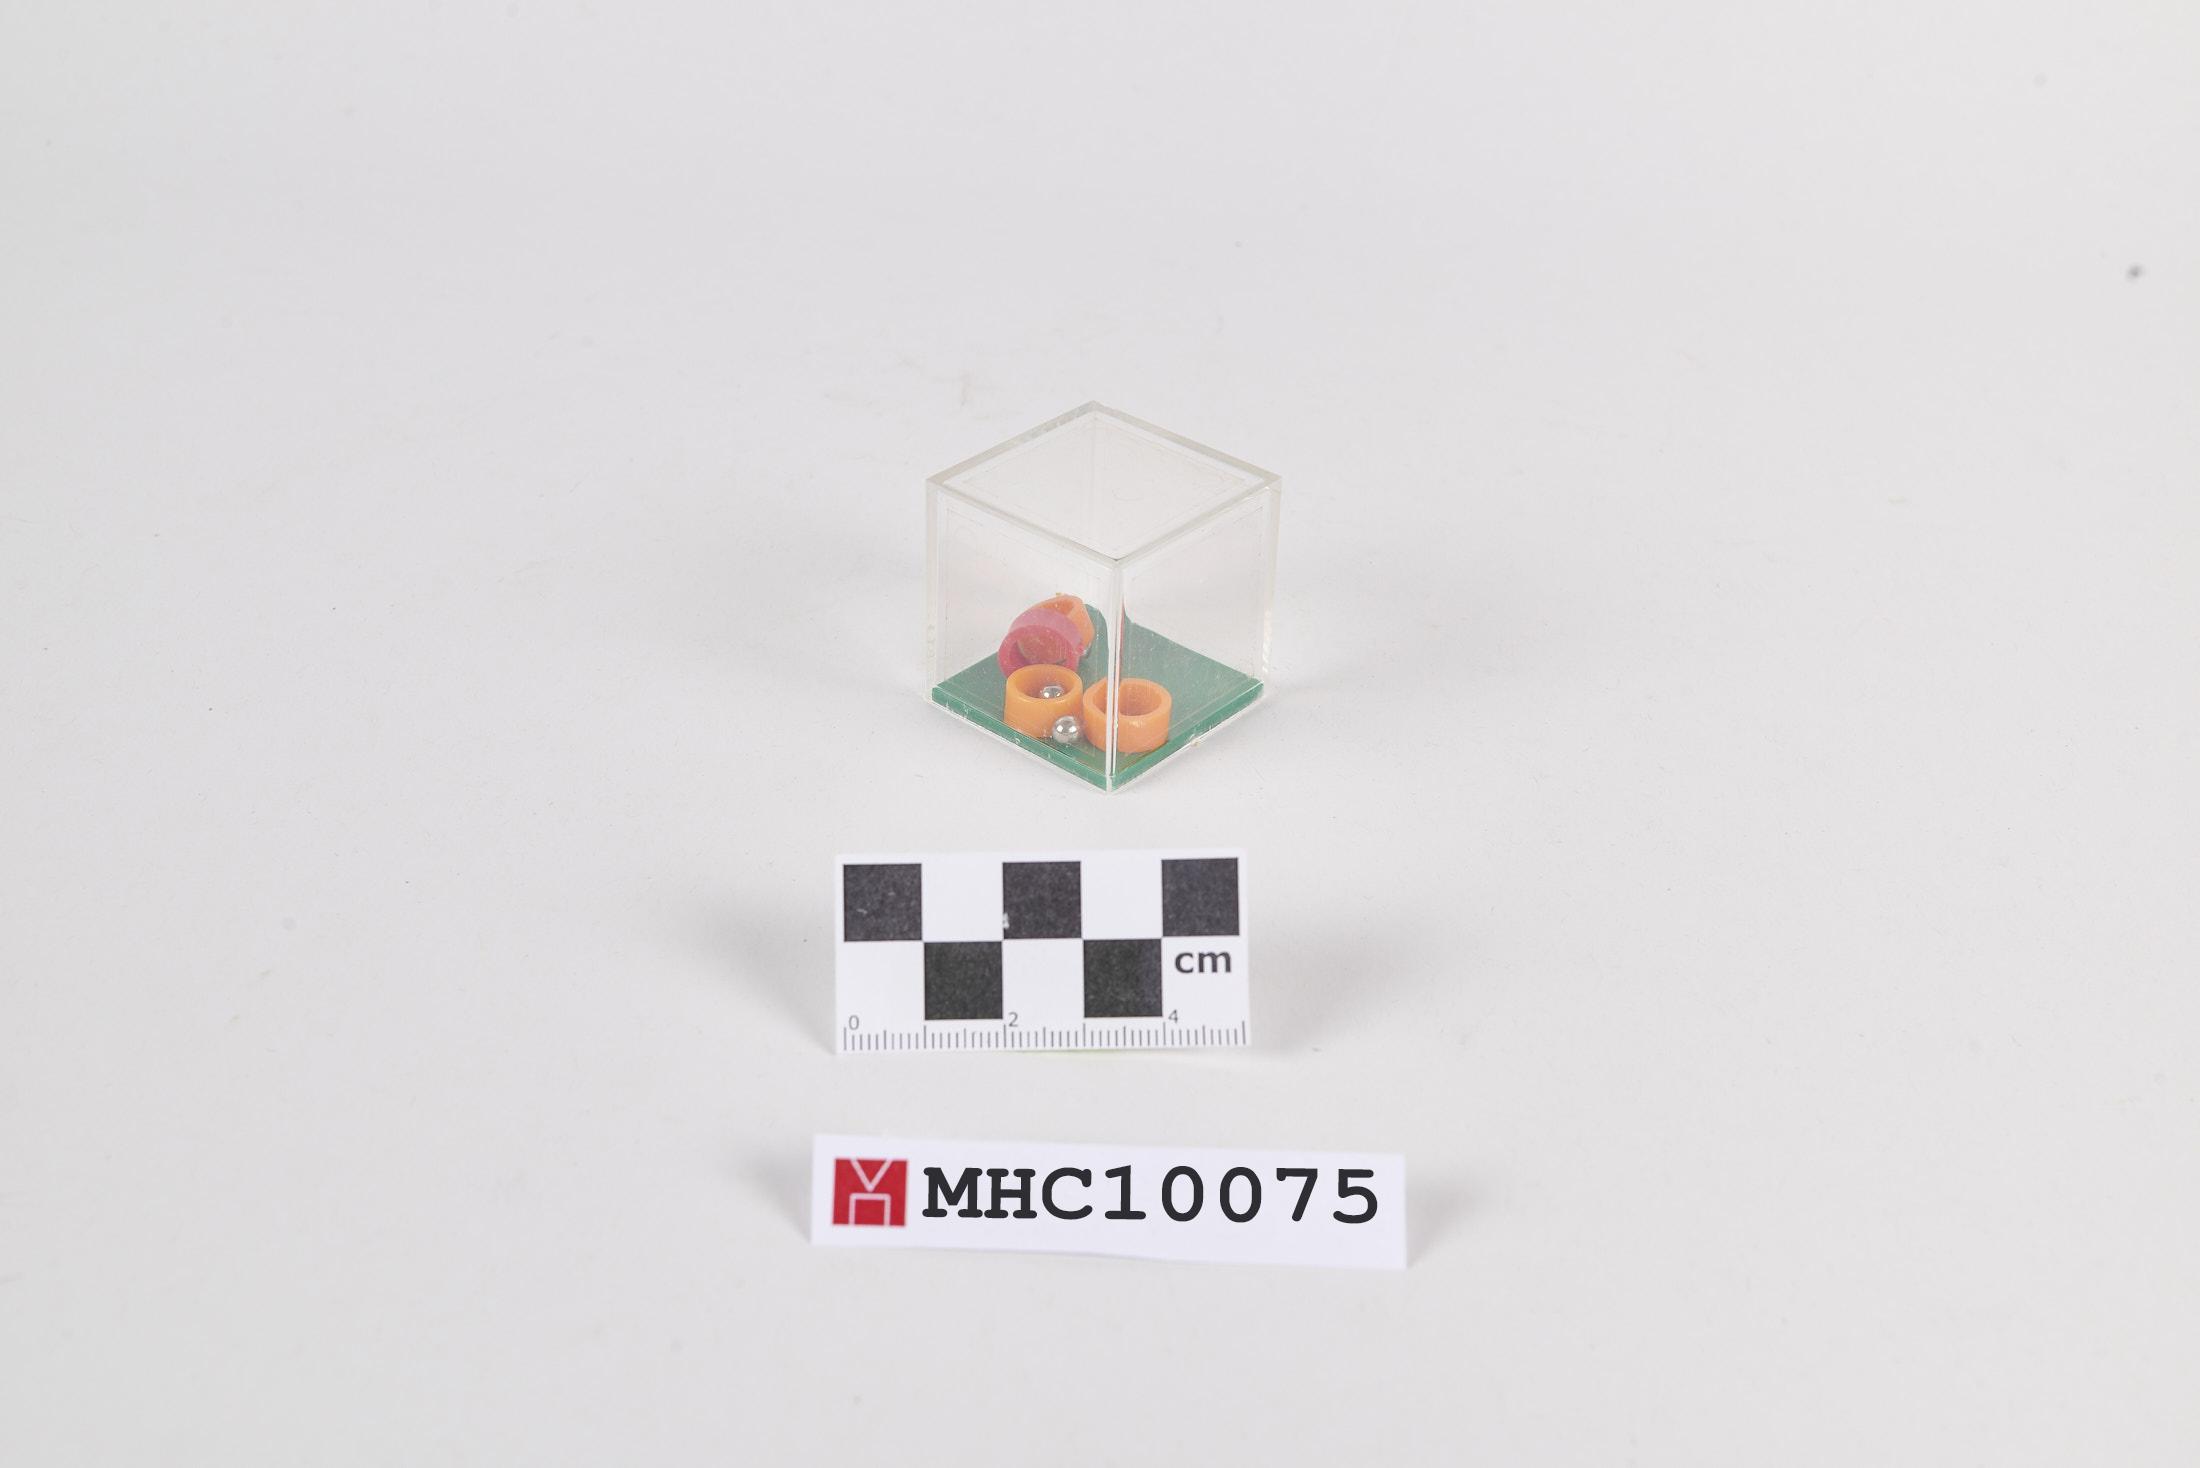 mhc10075